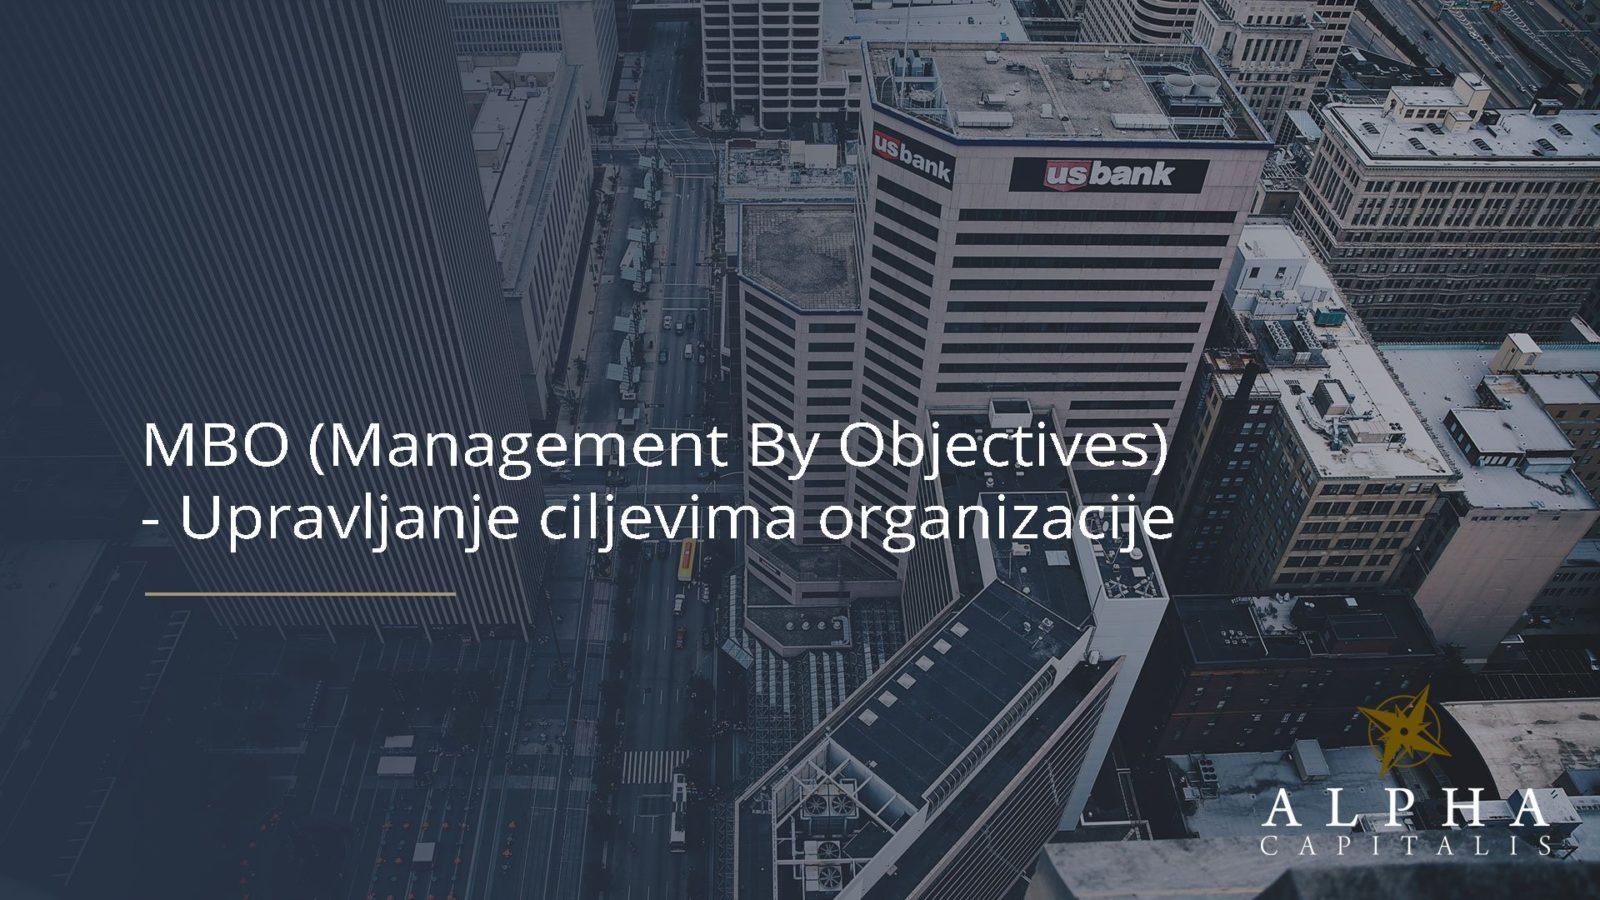 MBO Management By Objectives Upravljanje ciljevima organizacije - MBO (Management By Objectives) - Upravljanje ciljevima organizacije